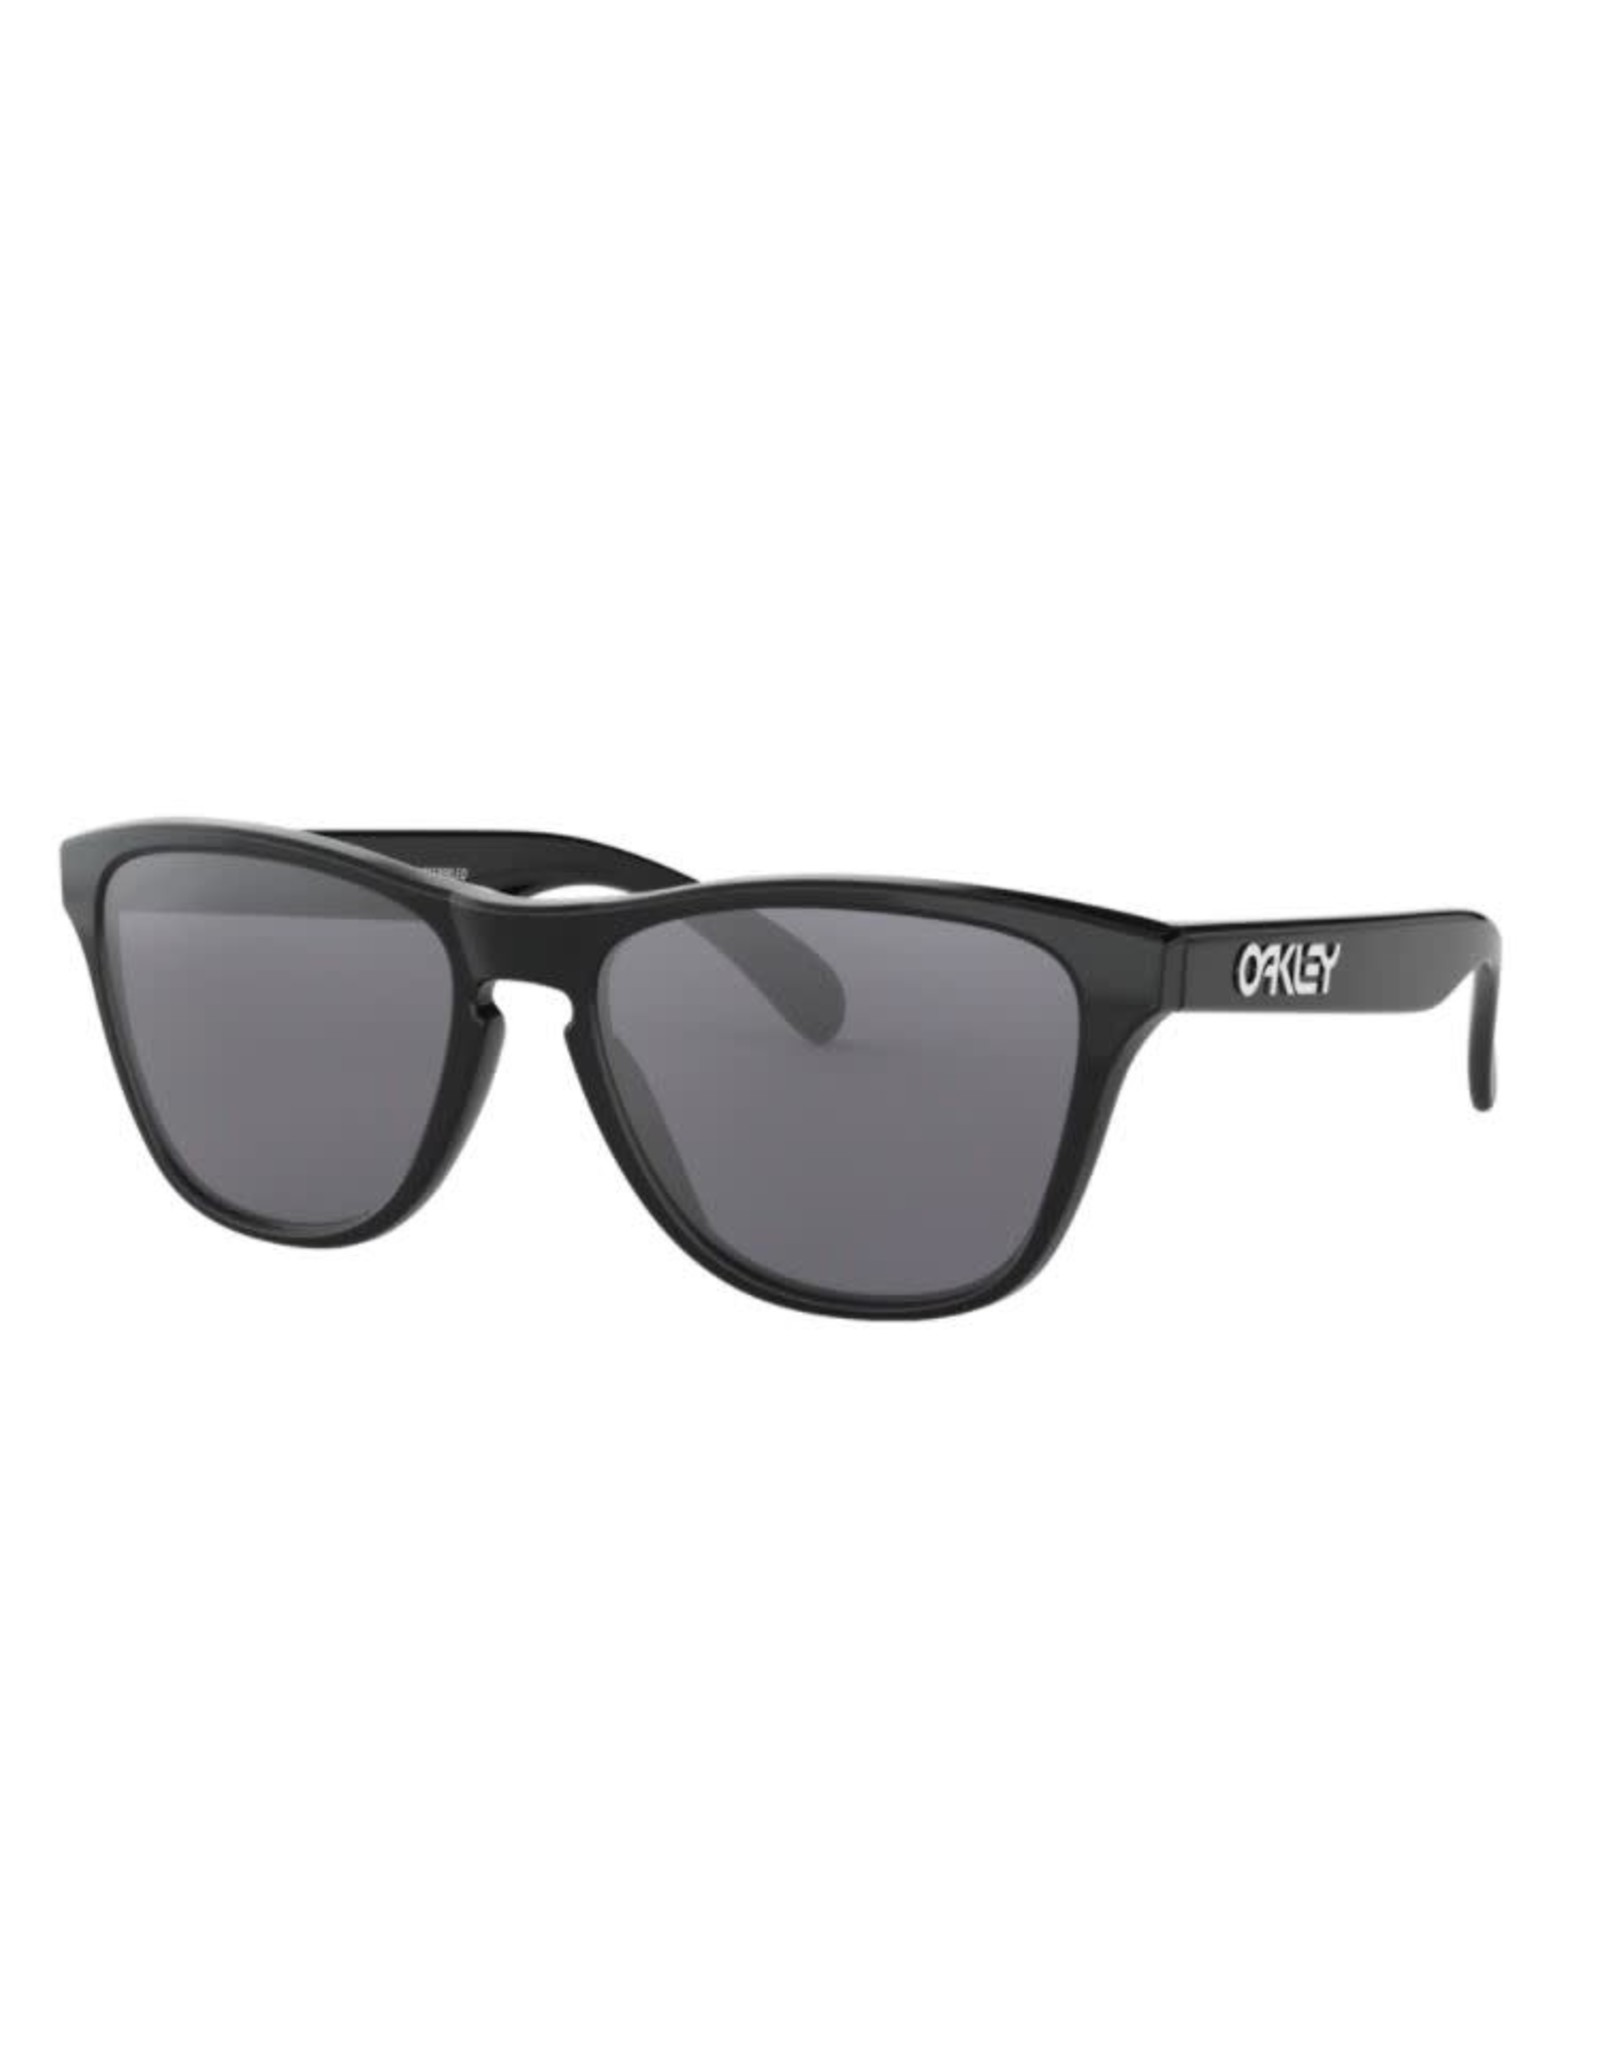 Oakley Oakley - Lunette soleil junior frogskins xs polished black lens grey